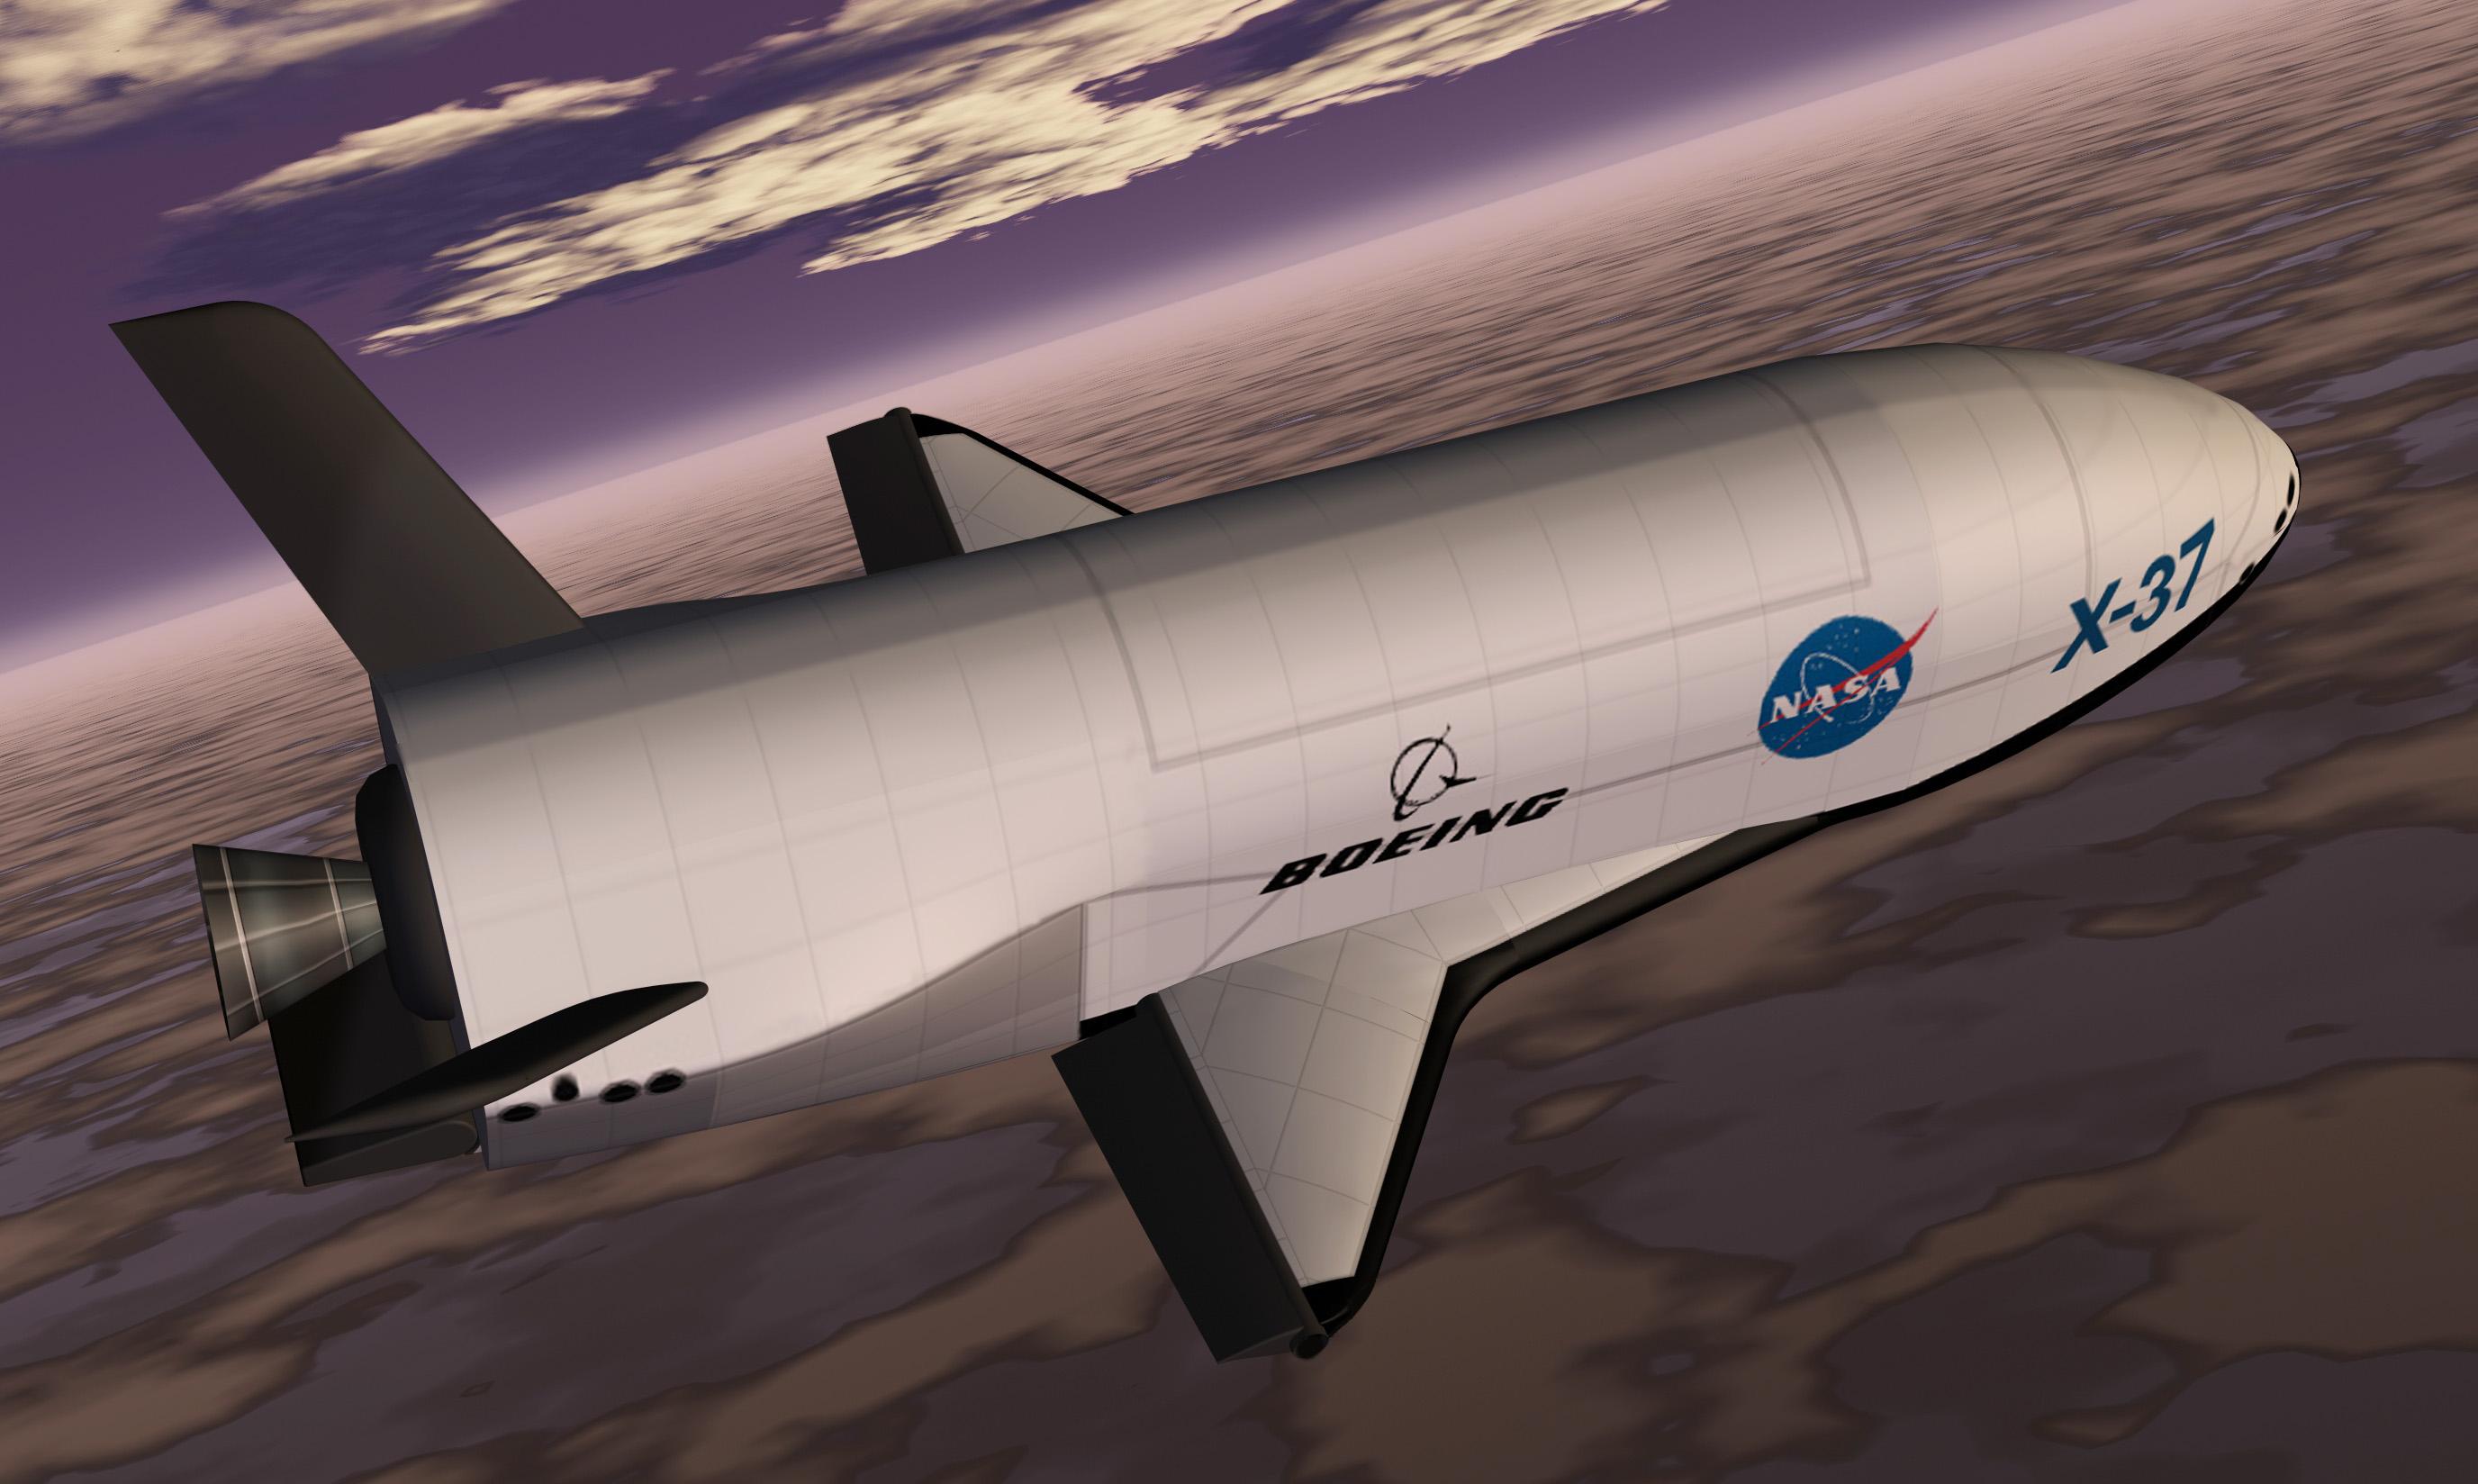 X-37_spacecraft,_artist's_rendition